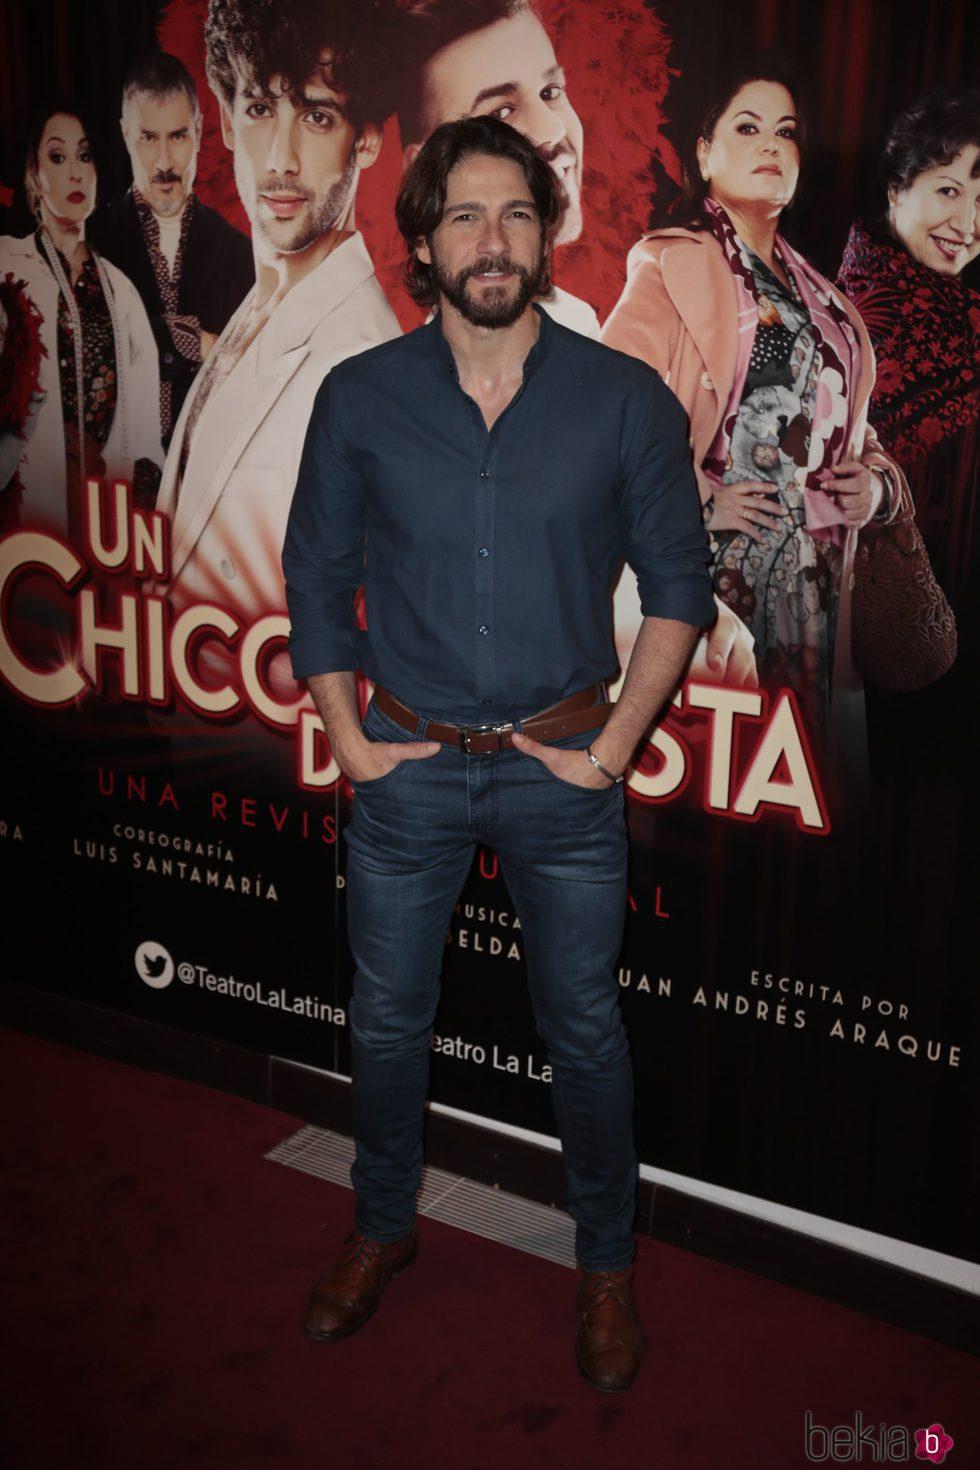 Félix Gómez en el estreno de 'Un chico de revista'